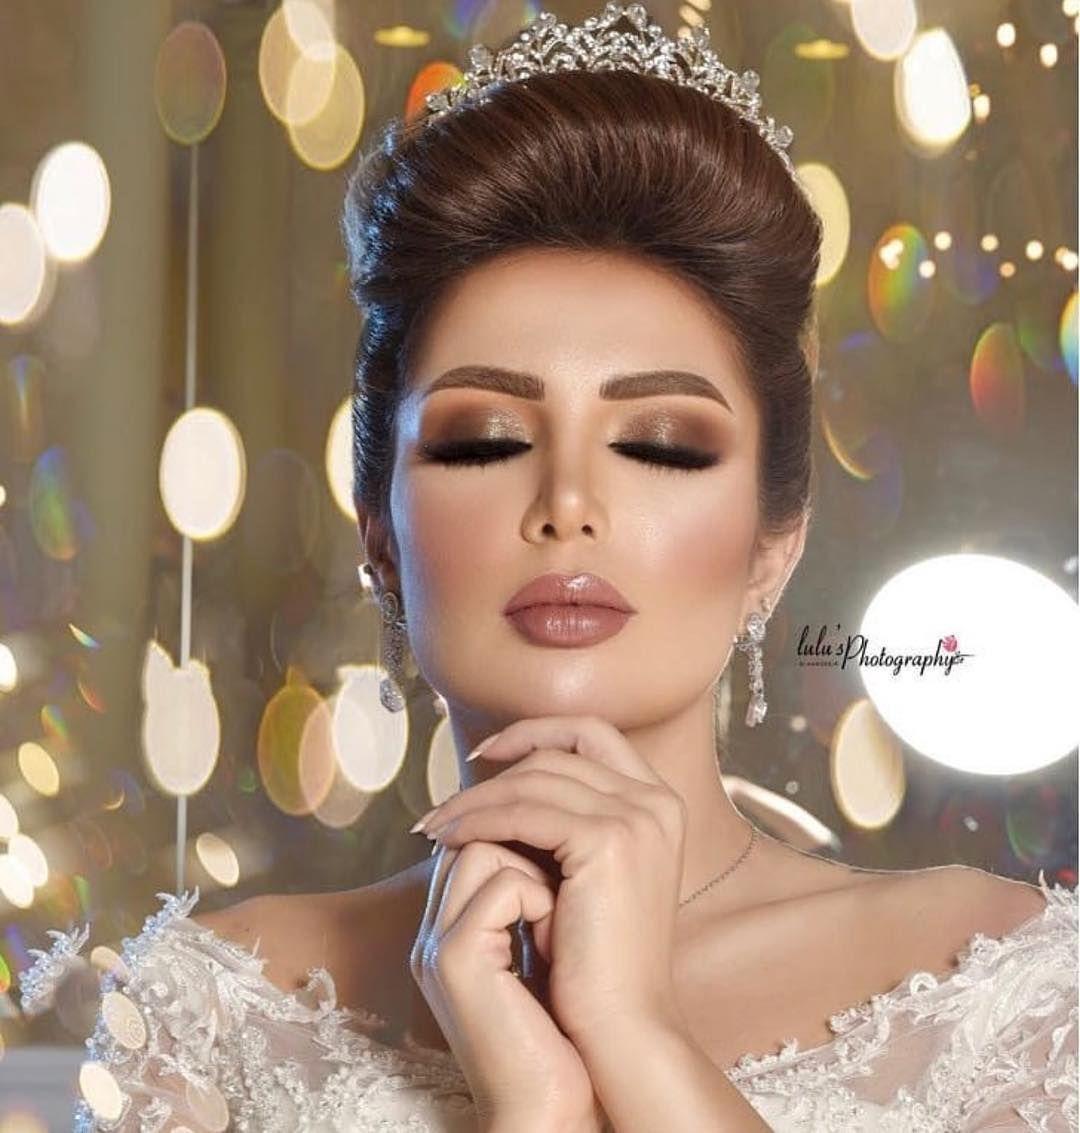 من احب اللوكات على قلبي وأكترها طلبا من عرايسي السعودية الرياض Saudi Arabia جدة Jeddah Makeupar Bridal Makeup Bridesmaid Makeup Bride Makeup